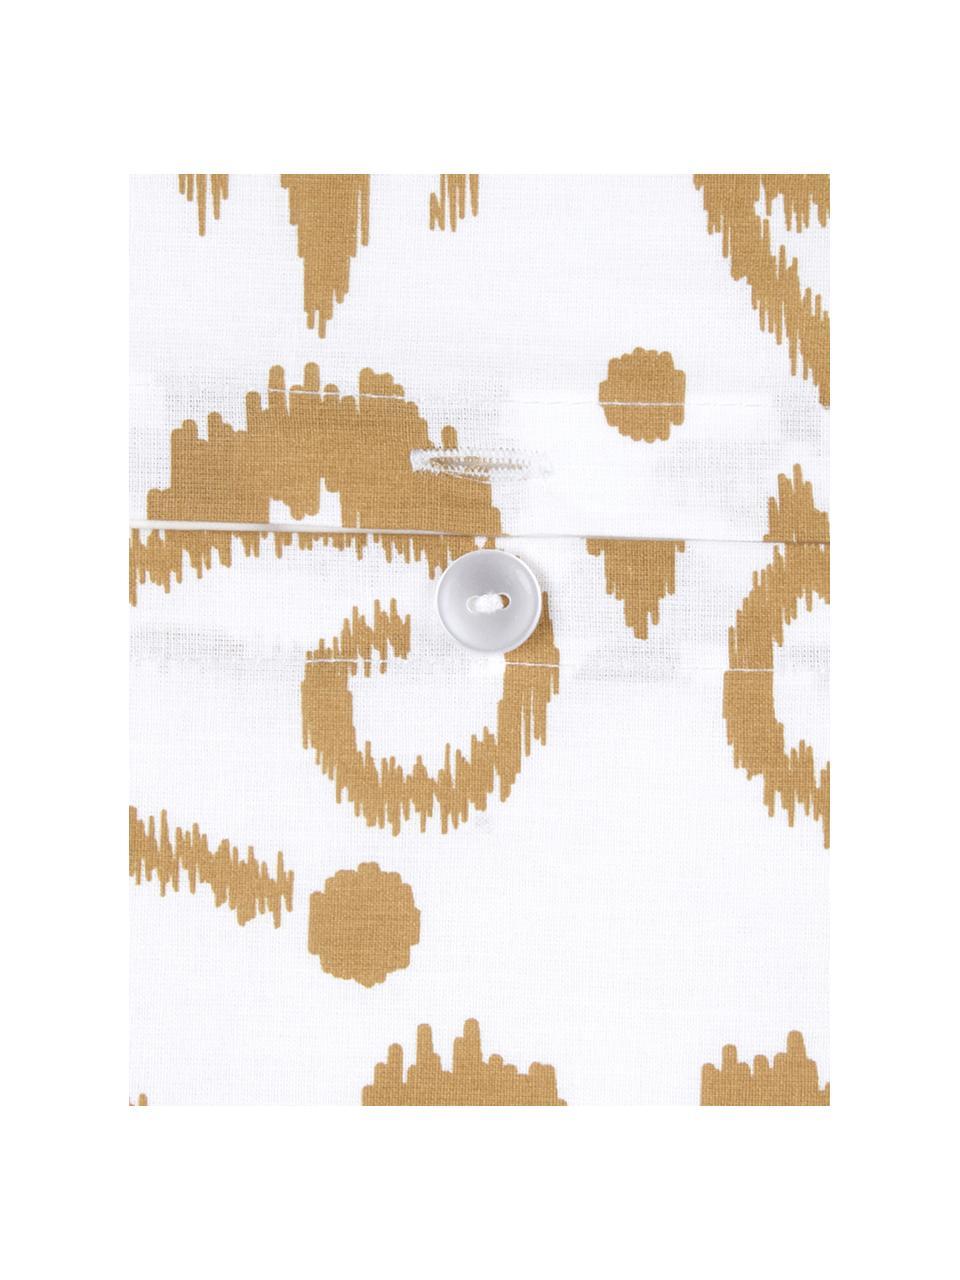 Baumwoll-Bettwäsche Ashley in Senfgelb/Weiß, Webart: Renforcé, Weiß, Senfgelb, 240 x 220 cm